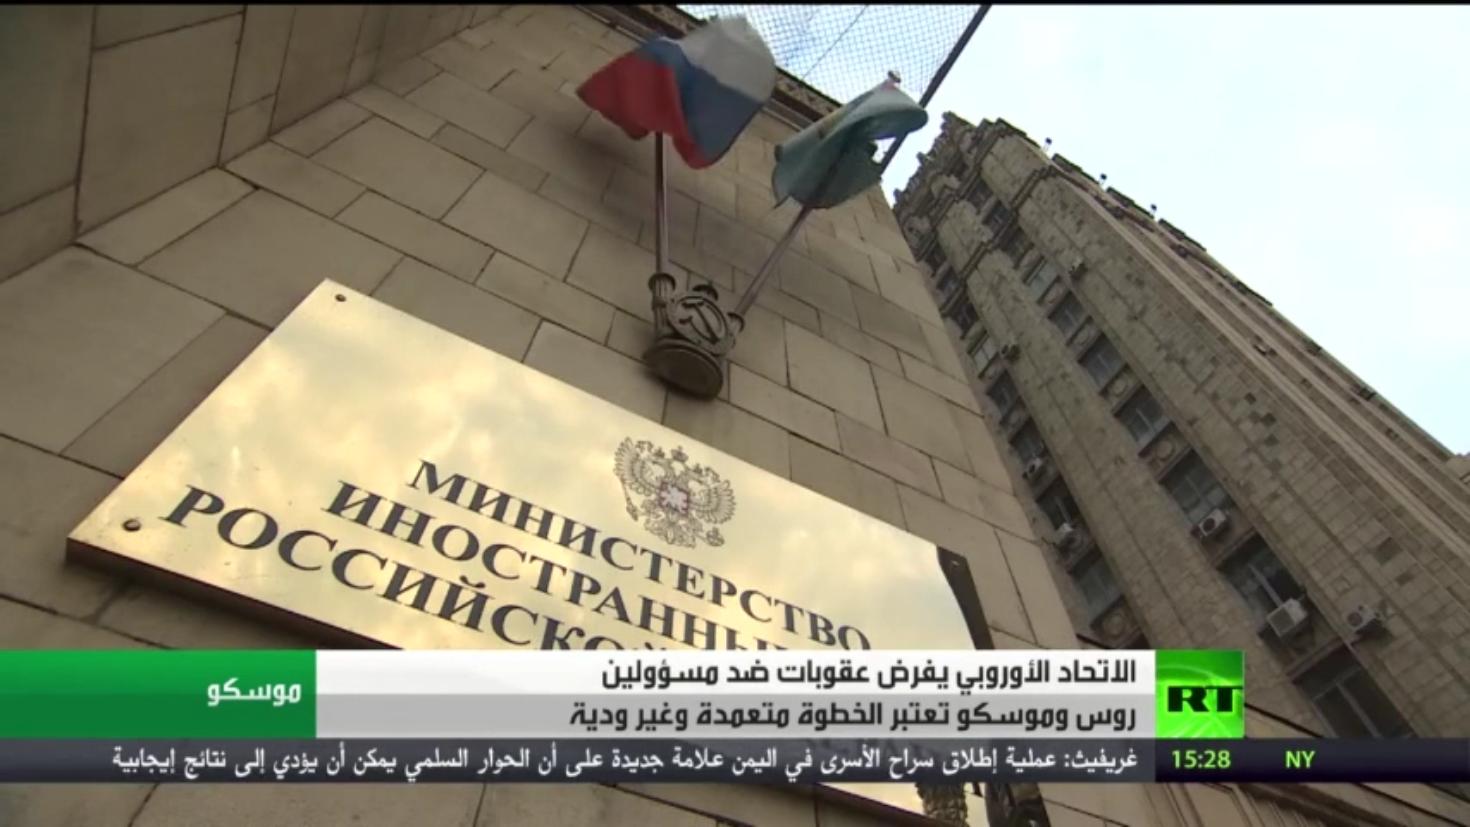 موسكو: عقوبات الاتحاد الأوروبي خطوة غير ودية